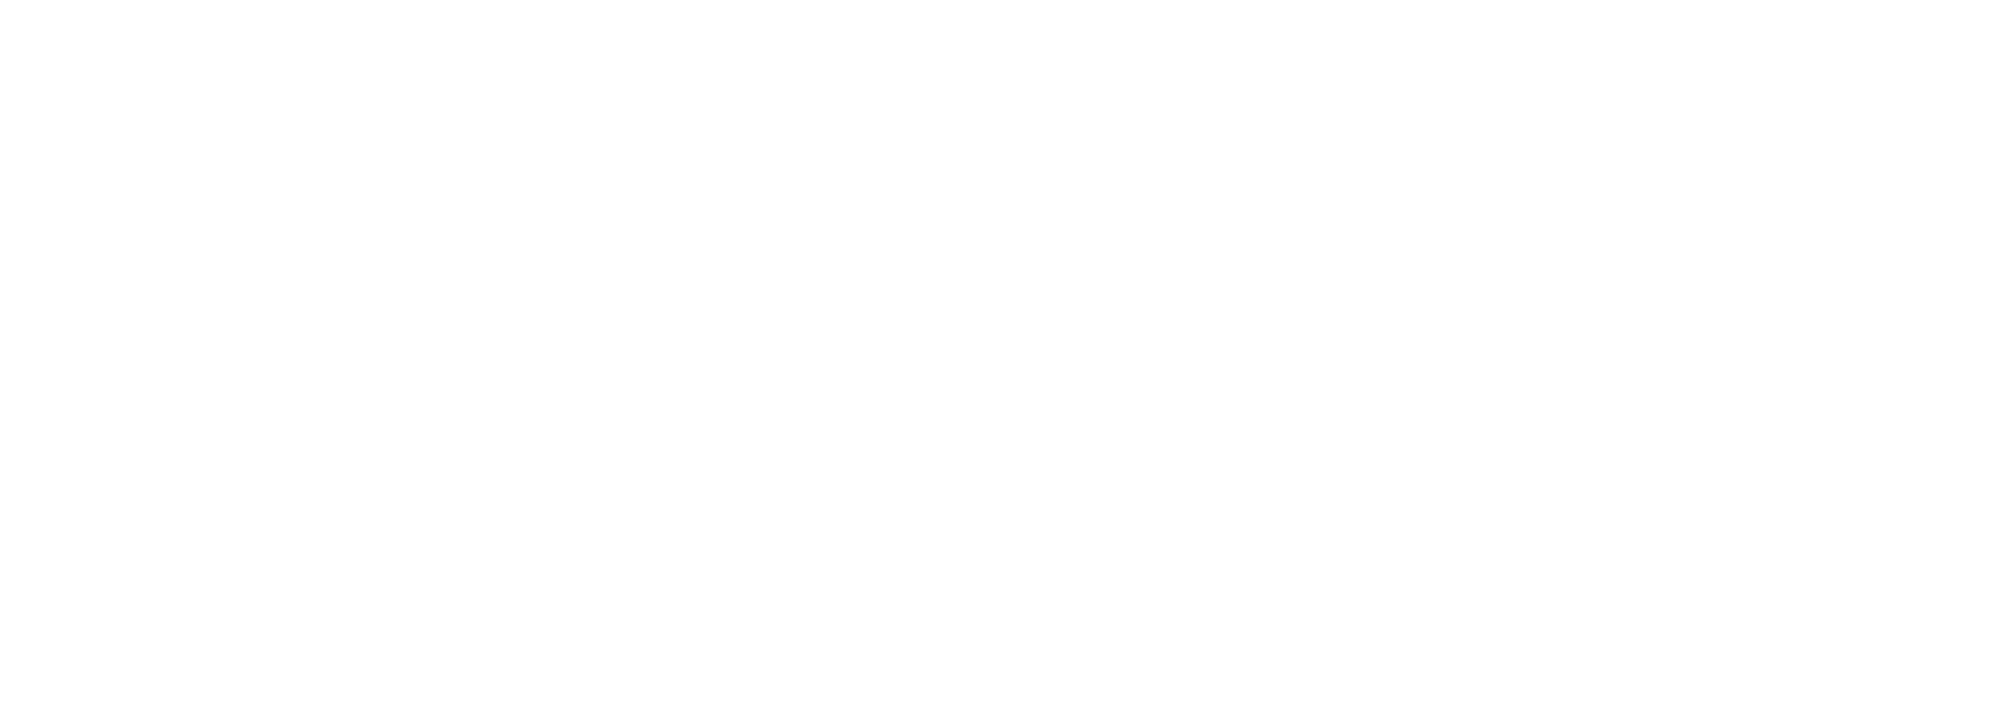 Orbx Logo